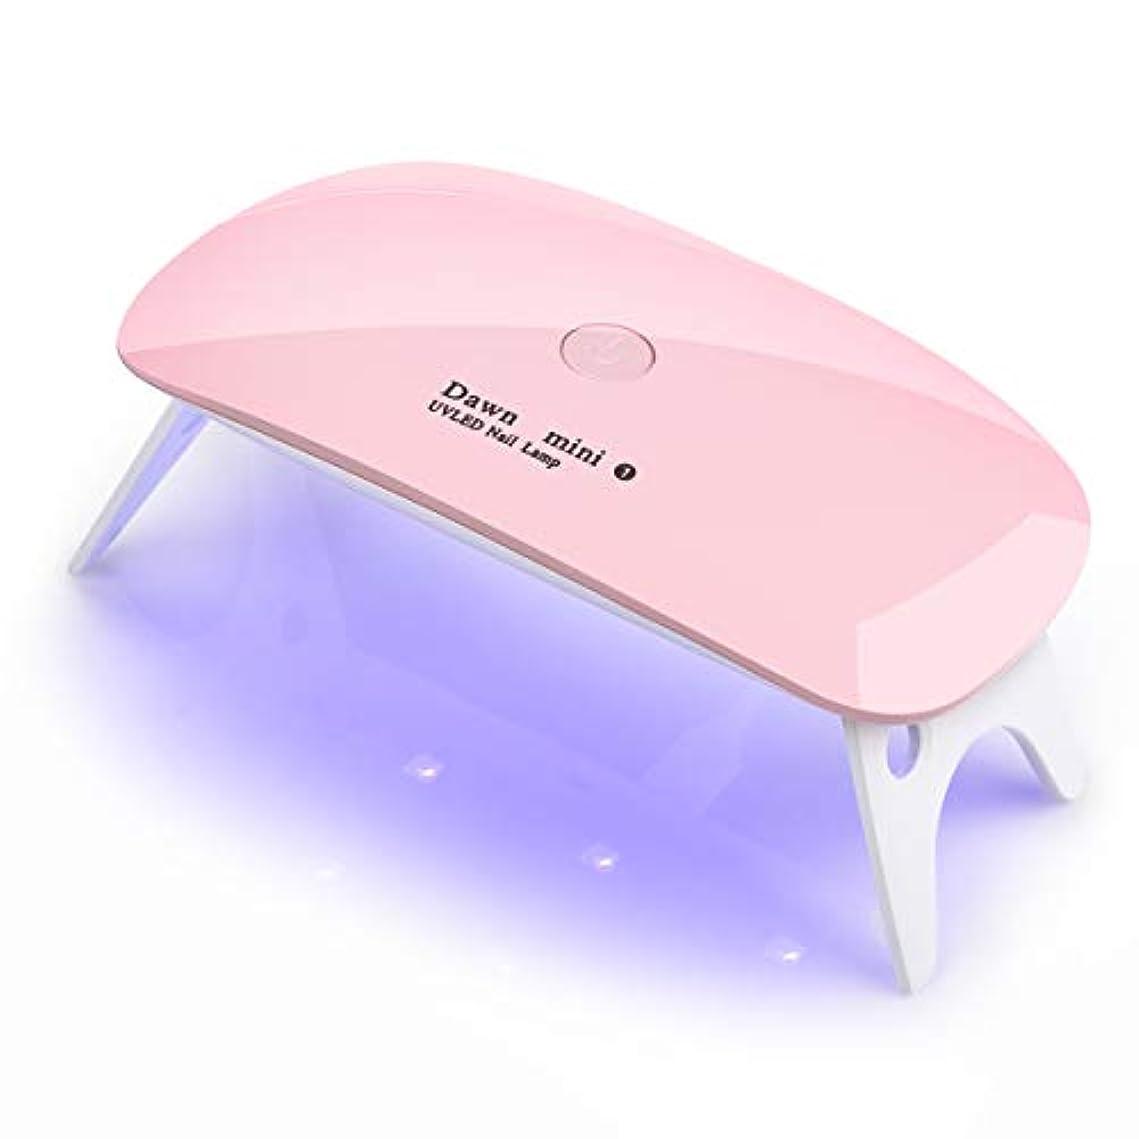 墓地ベックス彼女LEDネイルドライヤー UVライト Foloda タイマー設定可能 折りたたみ式手足とも使える 人感センサー式 LED 硬化ライト UV と LEDダブルライト ジェルネイル用 ホワイト (ピンク)